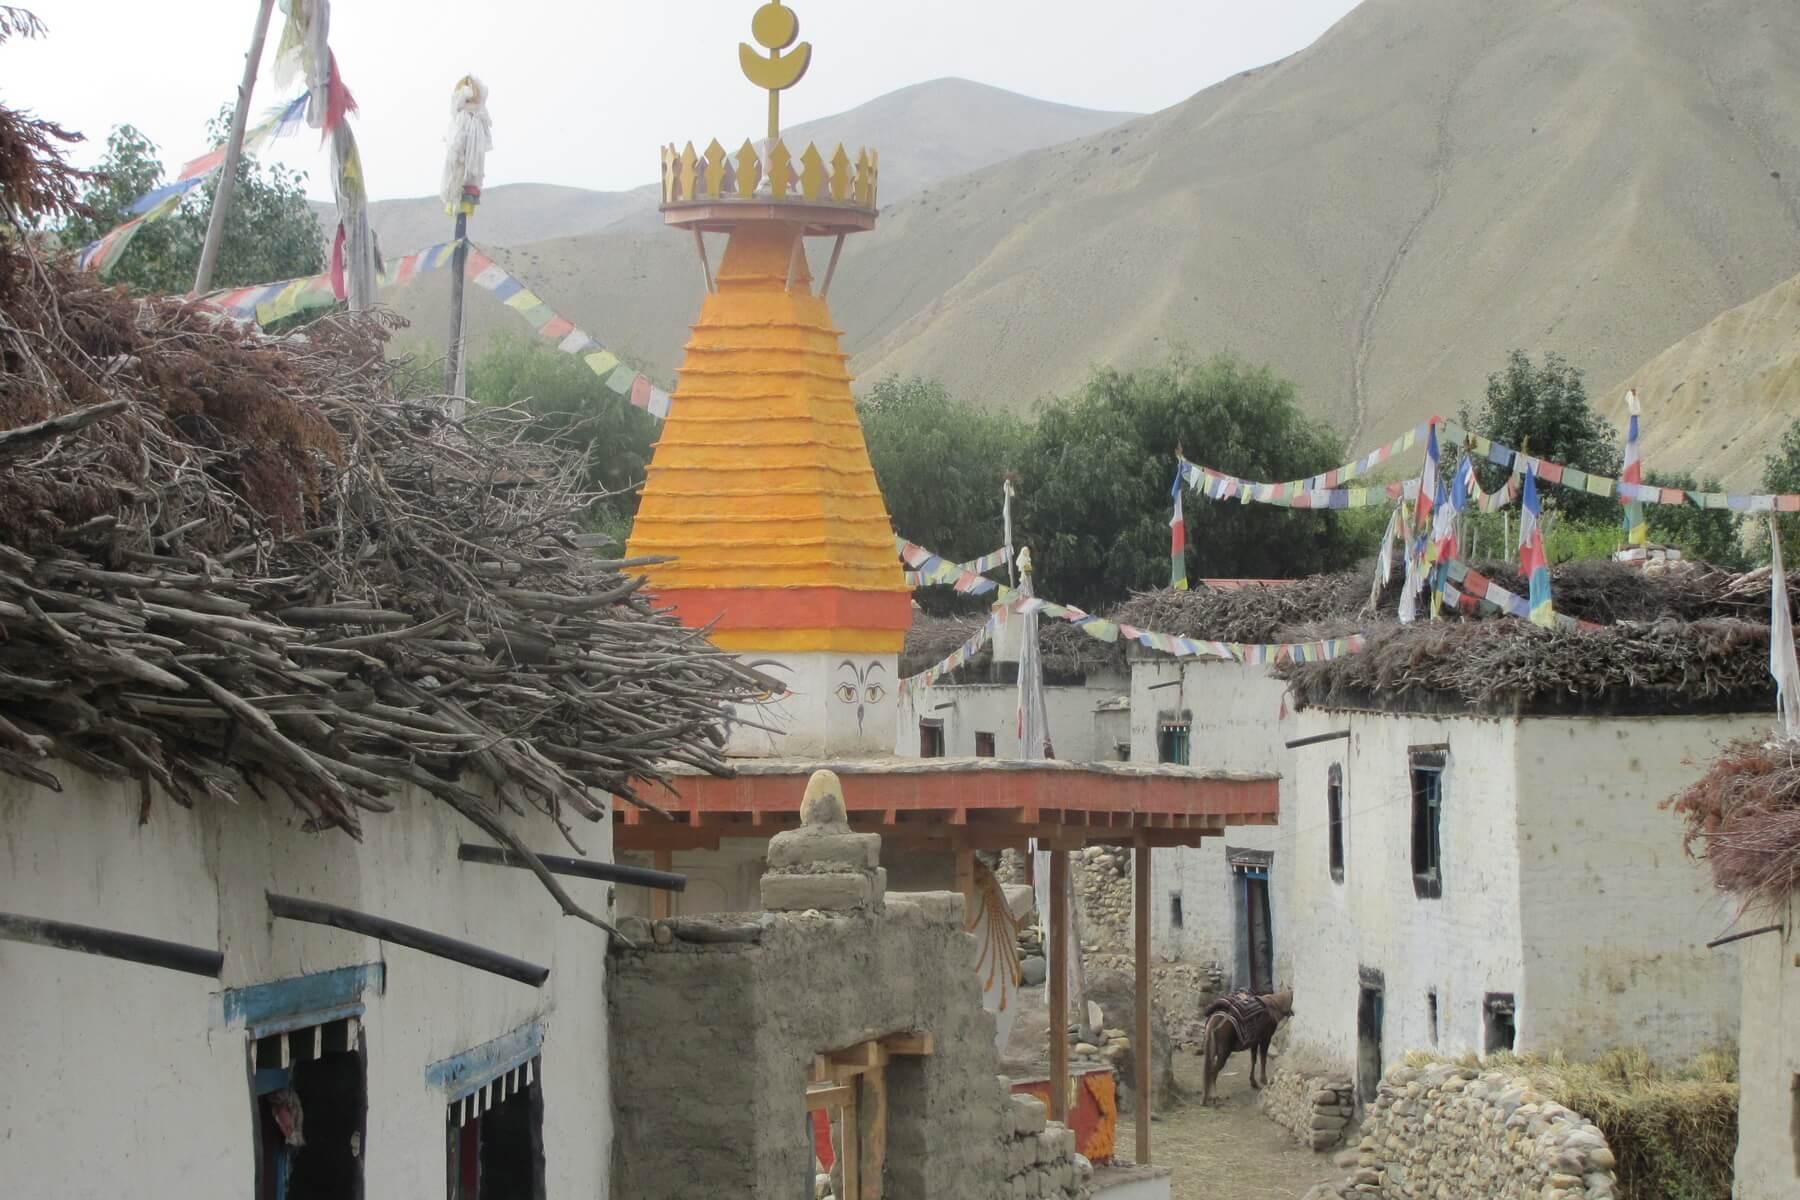 Buddhistische Chorten und Gebetsfahnen sind uralte Traditionen in den Gebieten des Himalaya-Gebirges und auch Nepal häufig vorzufinden.